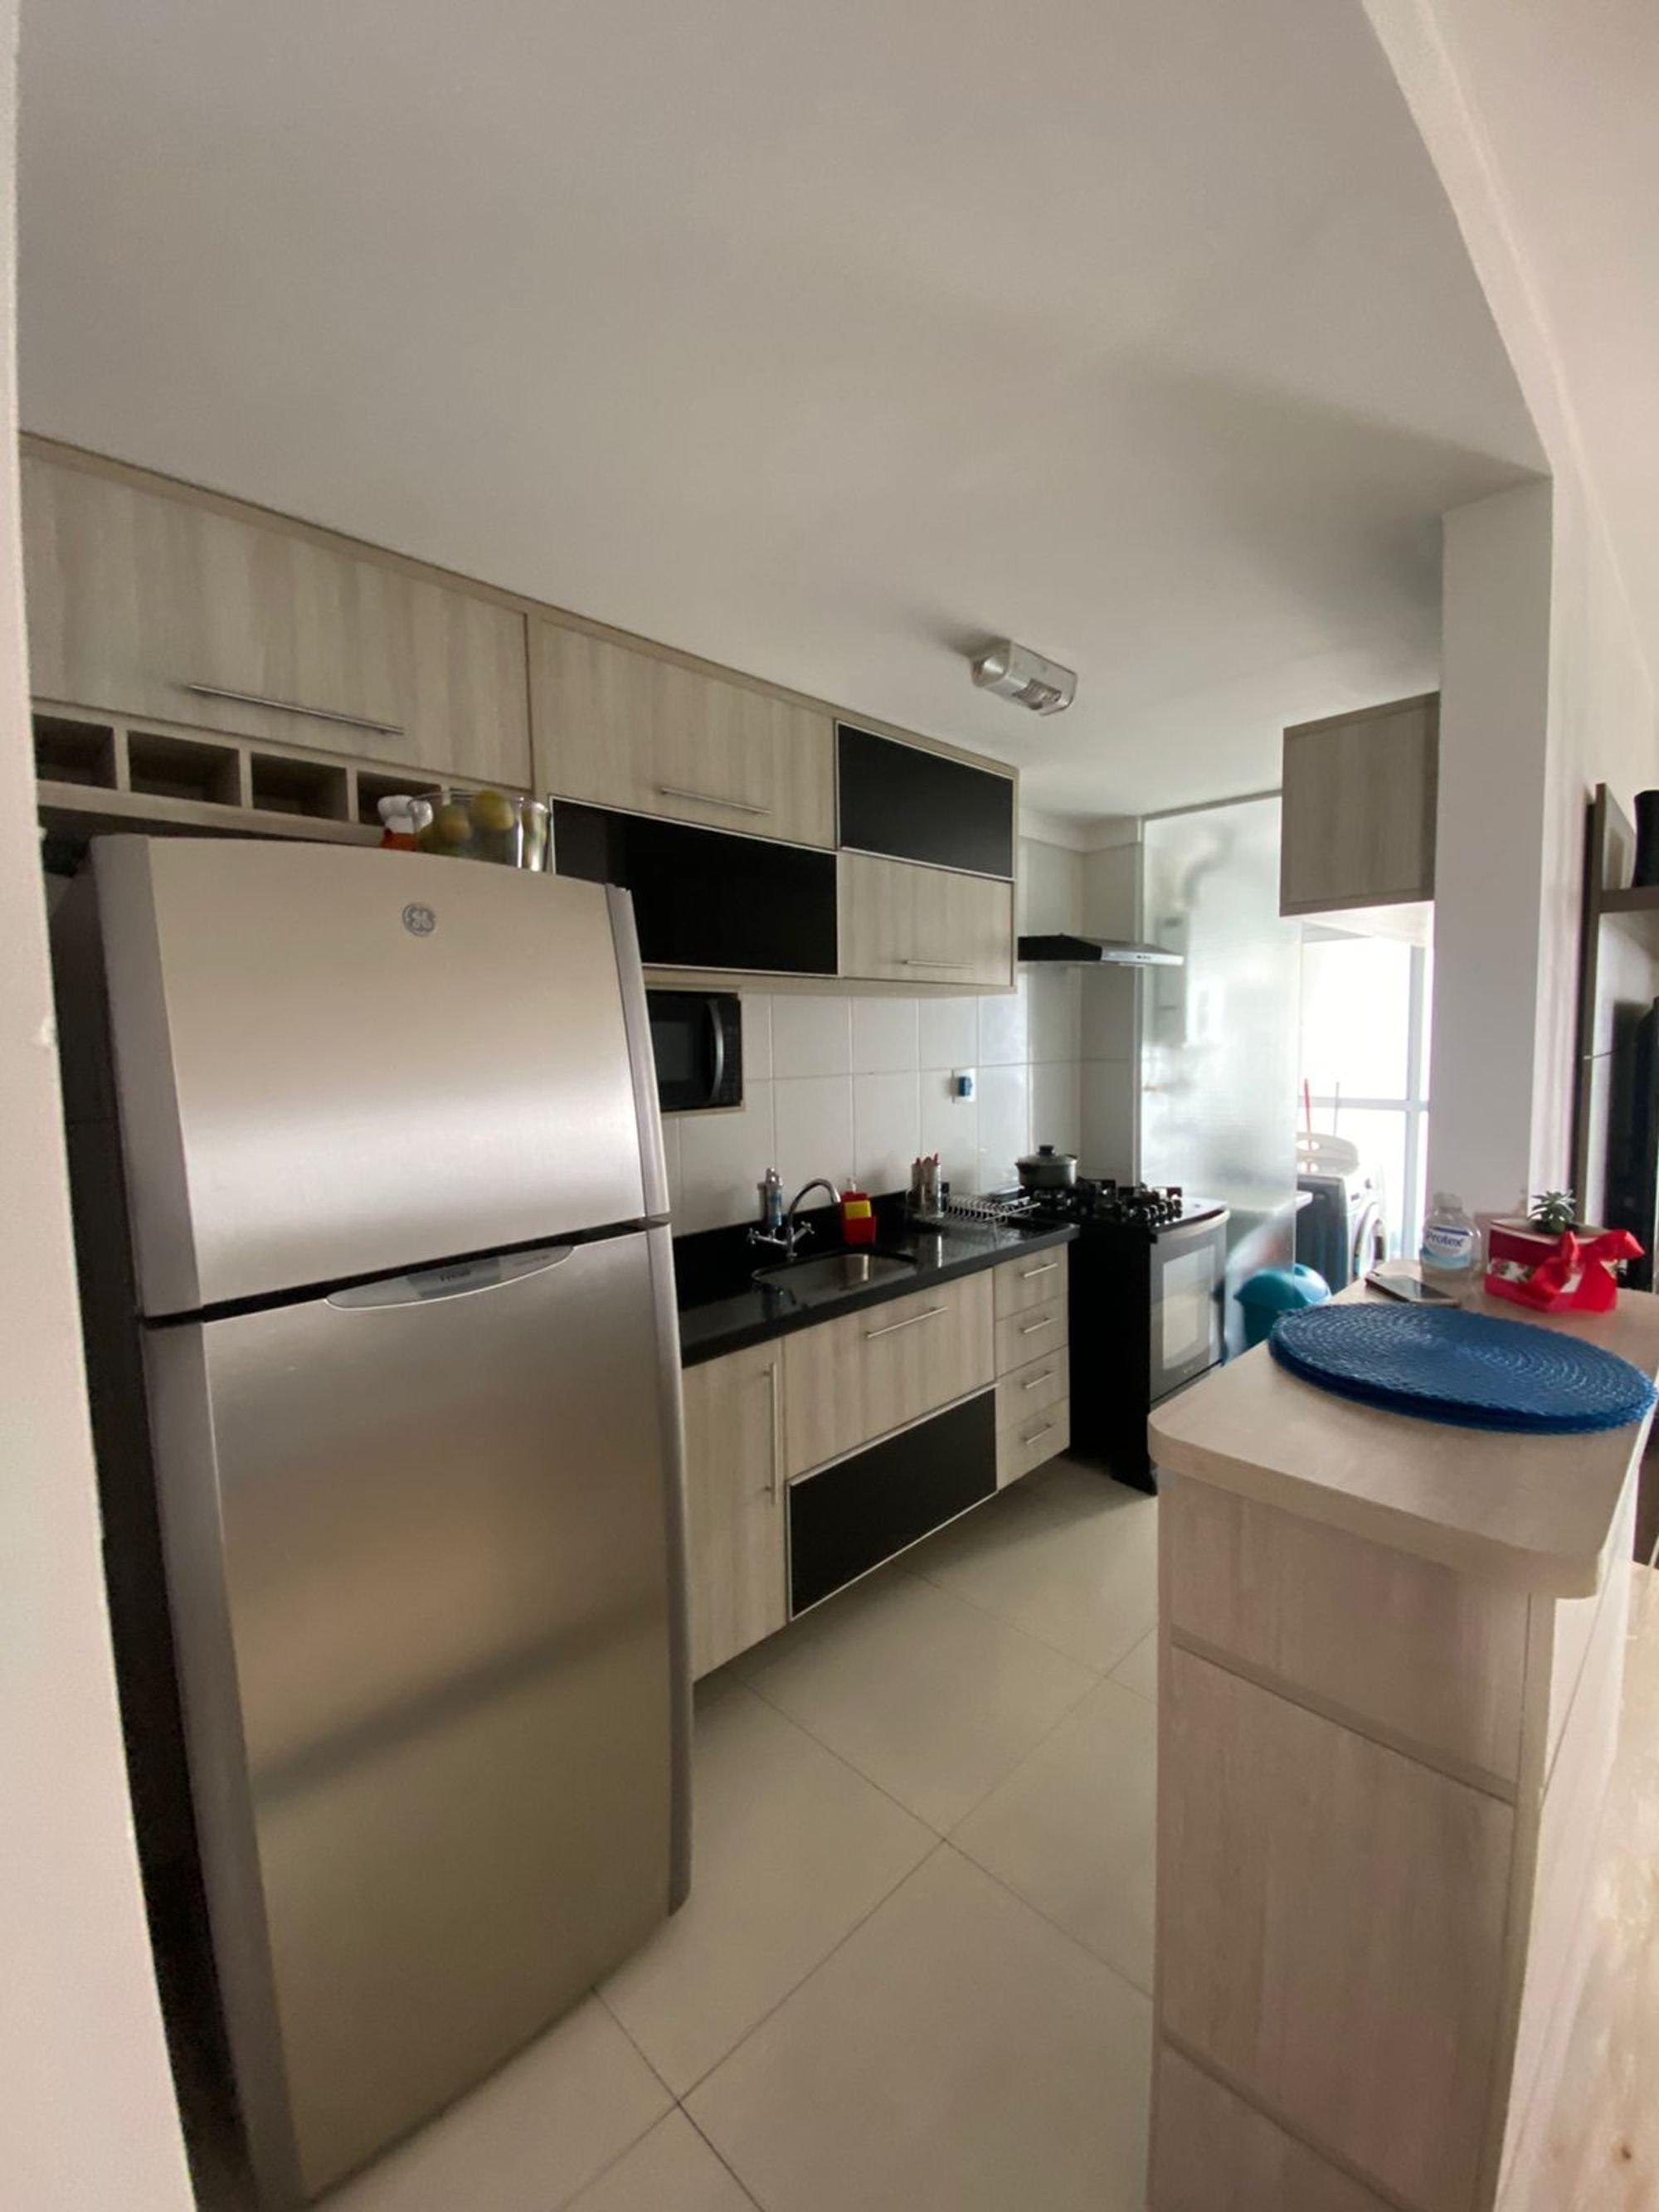 Foto de Cozinha com garrafa, forno, geladeira, cadeira, pia, microondas